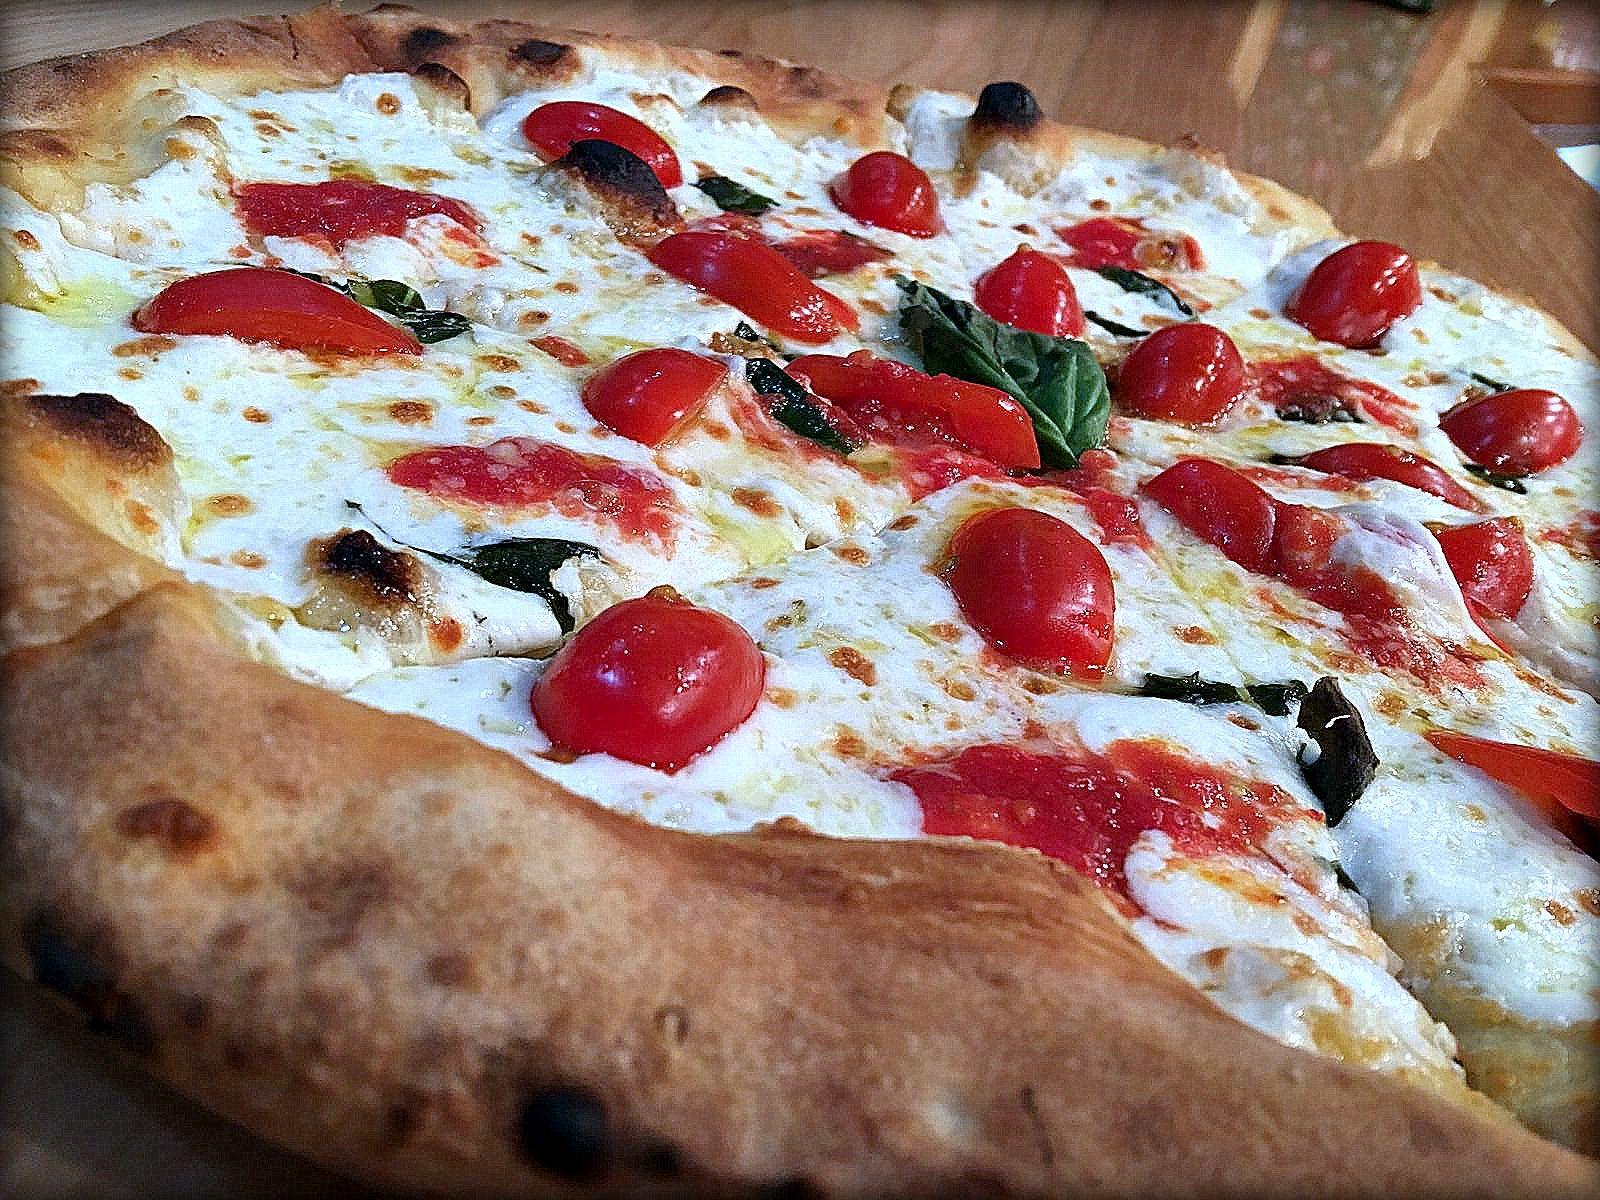 Pizza Mozzarella Pachino Basilico 02 Le Sorelle Italian Restaurant Pizza Wine Bar Boca Raton Italian Restaurant Authentic Italian Pizza Food